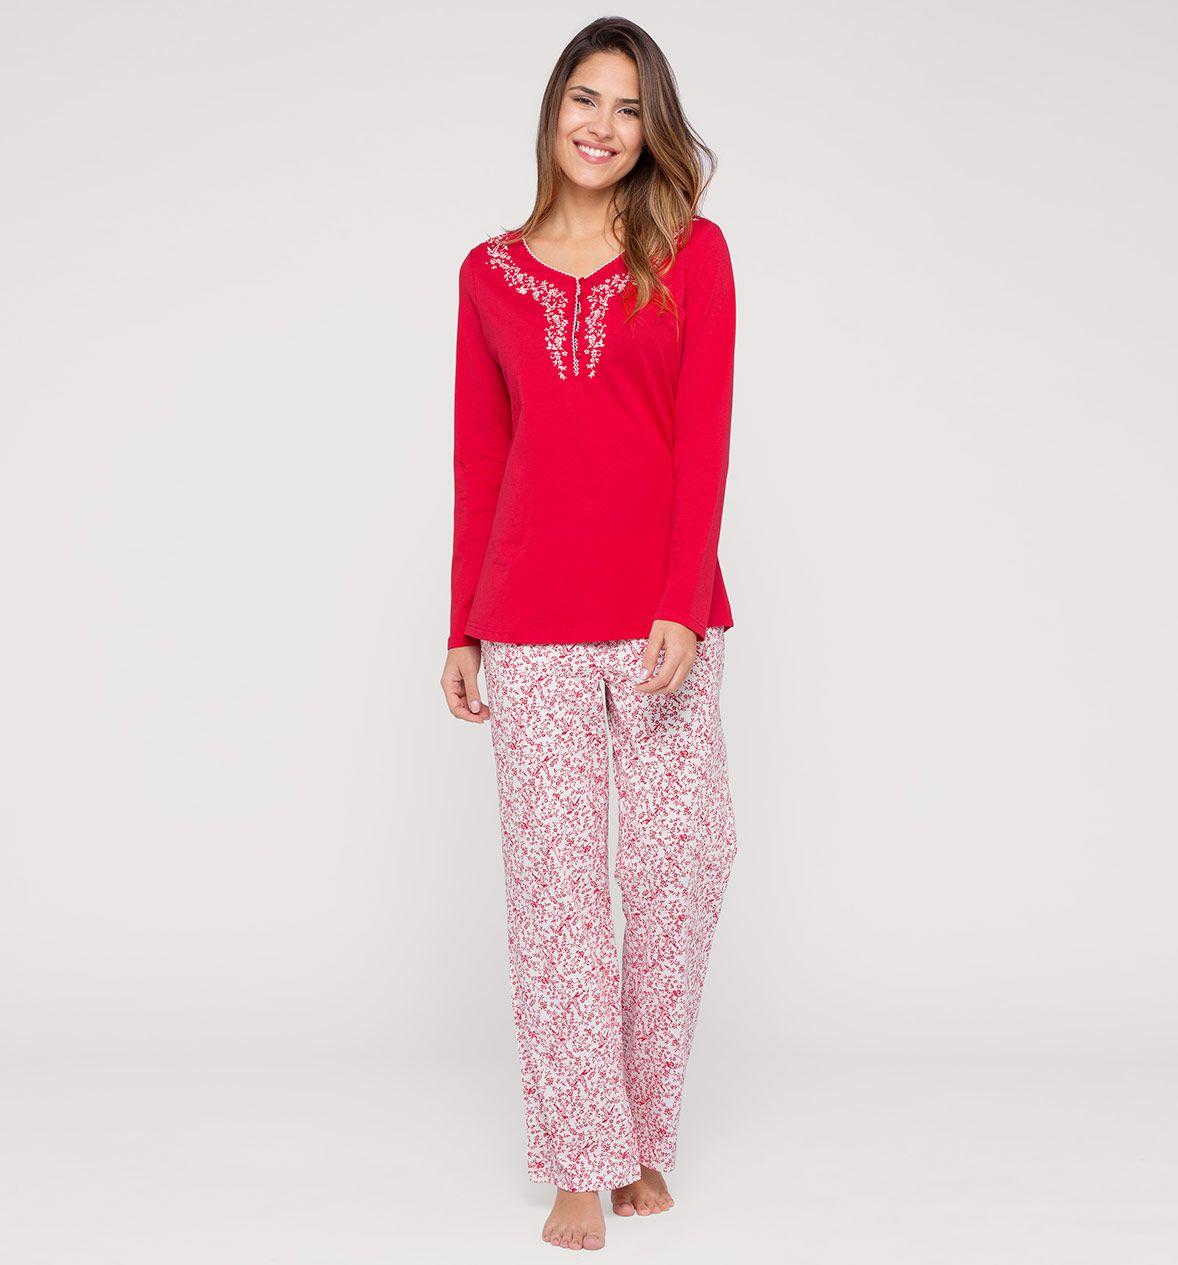 Pijama Estampado C A Vestidos De Mujer Coleccion De Vestidos Moda